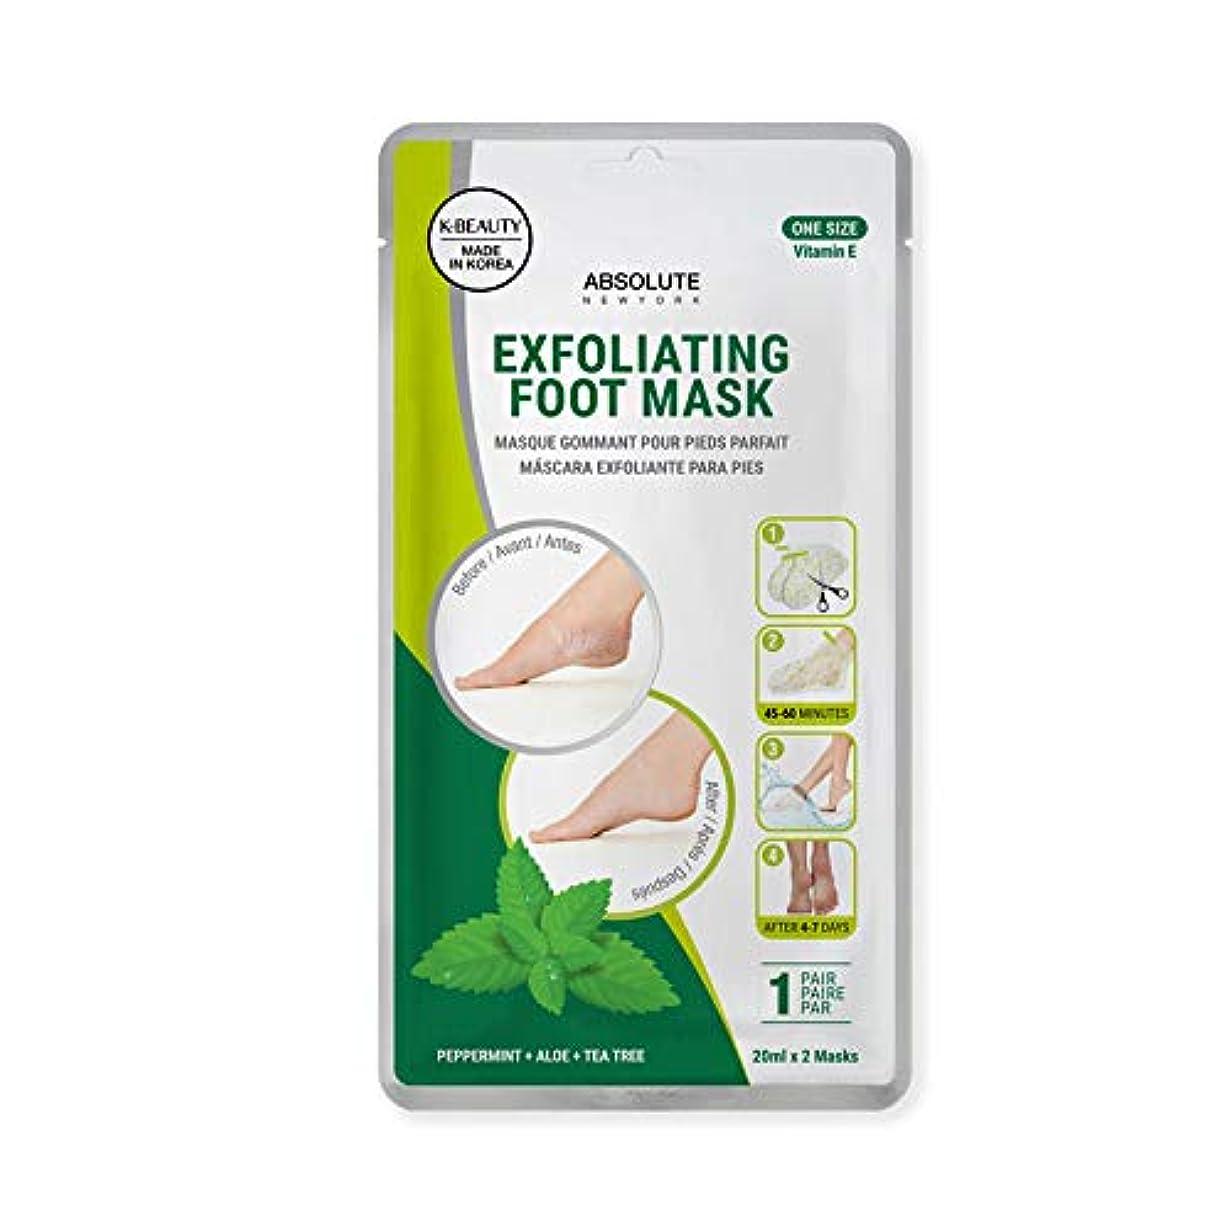 セミナーたとえ地球ABSOLUTE Exfoliating Foot Mask - Peppermint + Aloe + Tea Tree (並行輸入品)